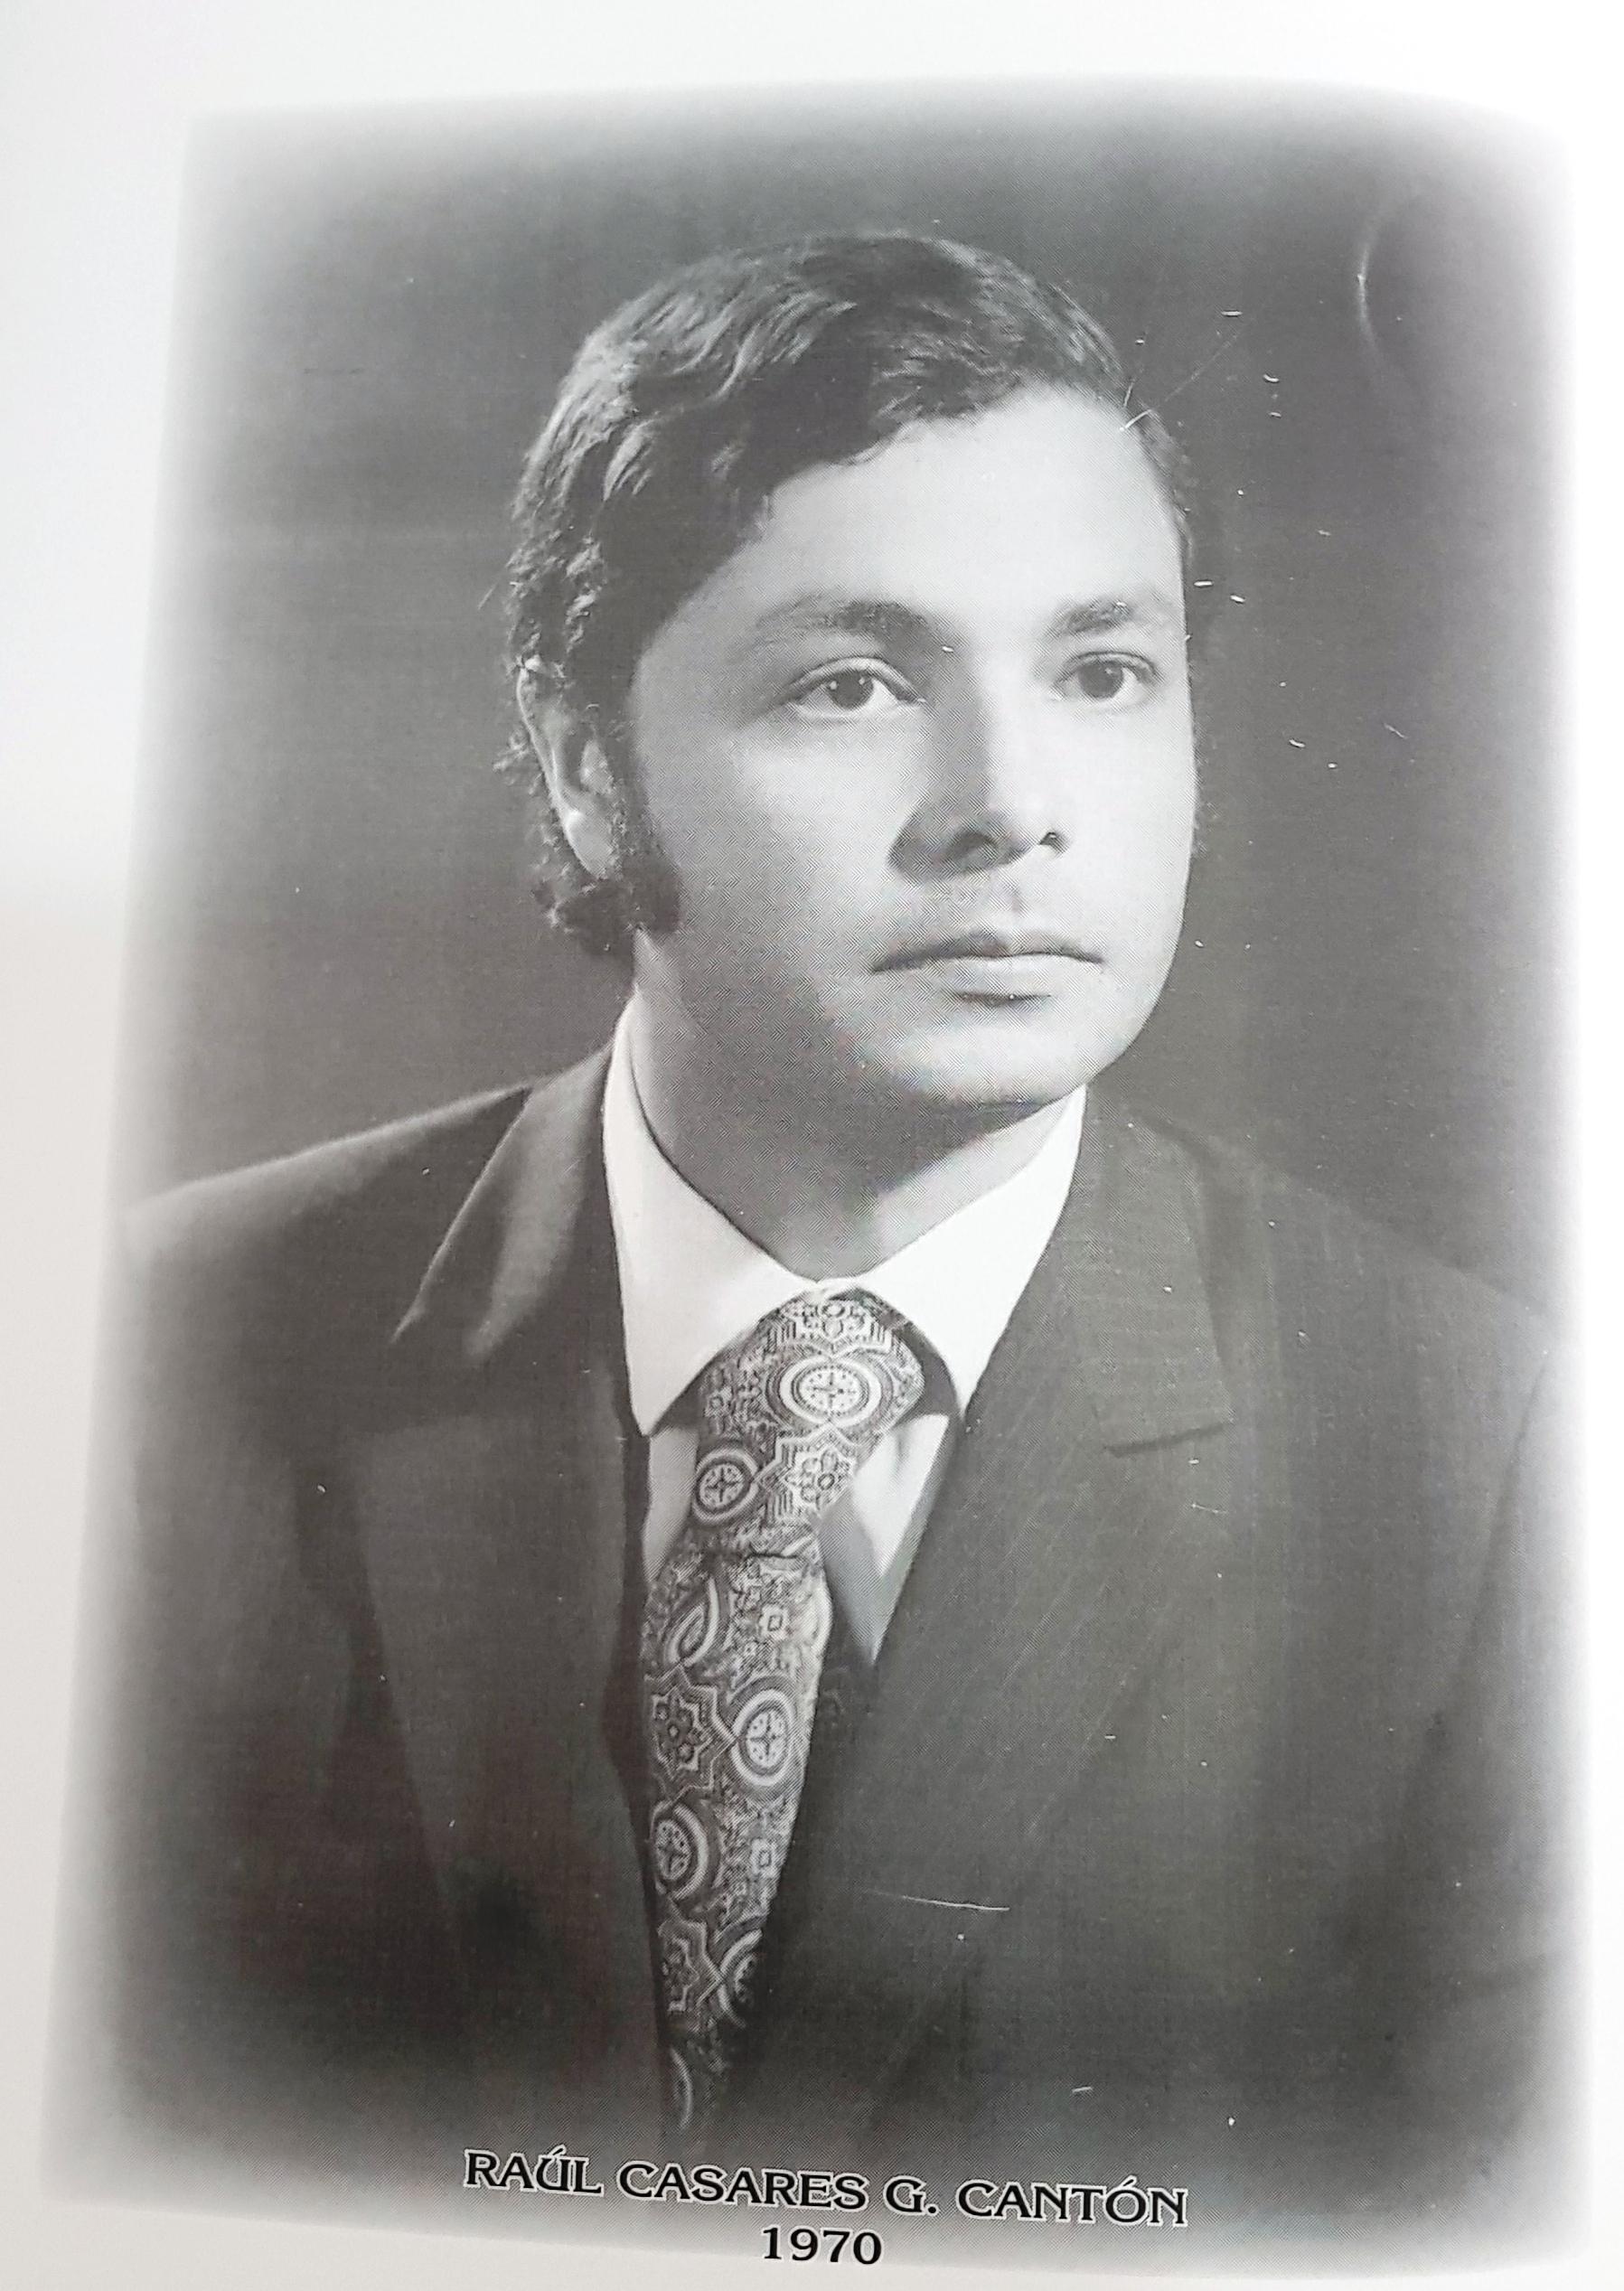 PRESIDENTE DE LA CÁMARA DE COMERCIO DE MÉRIDA SR. RAÚL CASARES G. CANTÓN